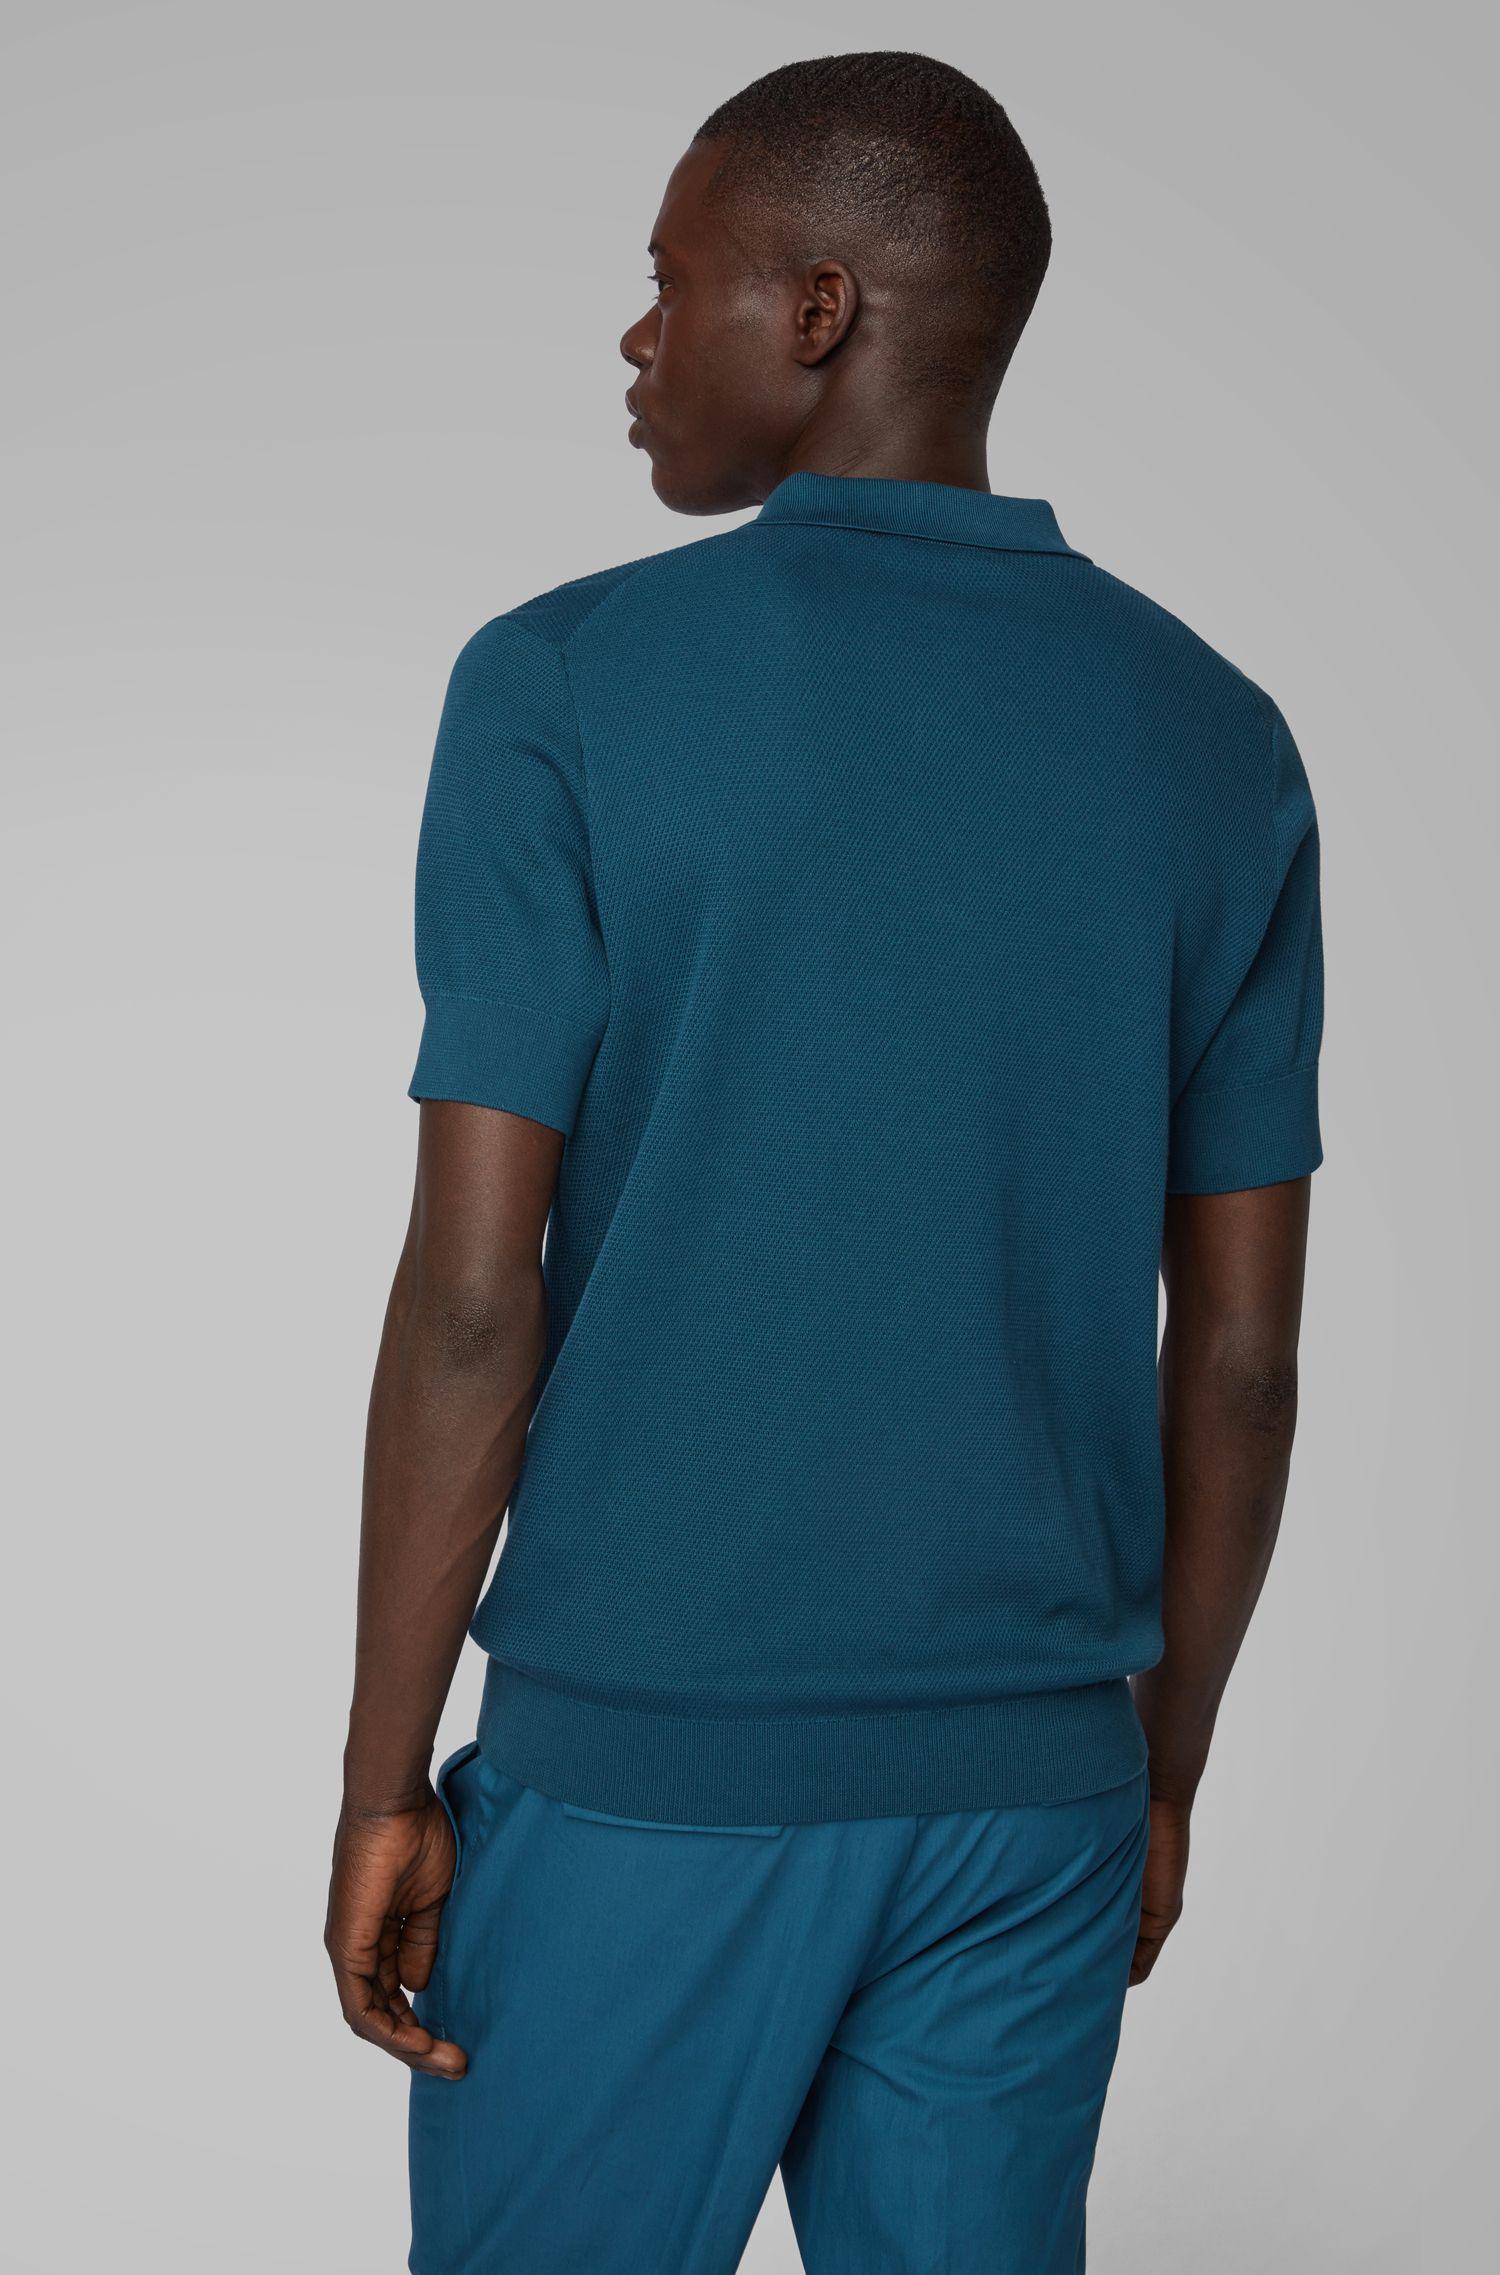 Strick-Poloshirt aus Baumwoll-Mix mit Seide, Blau